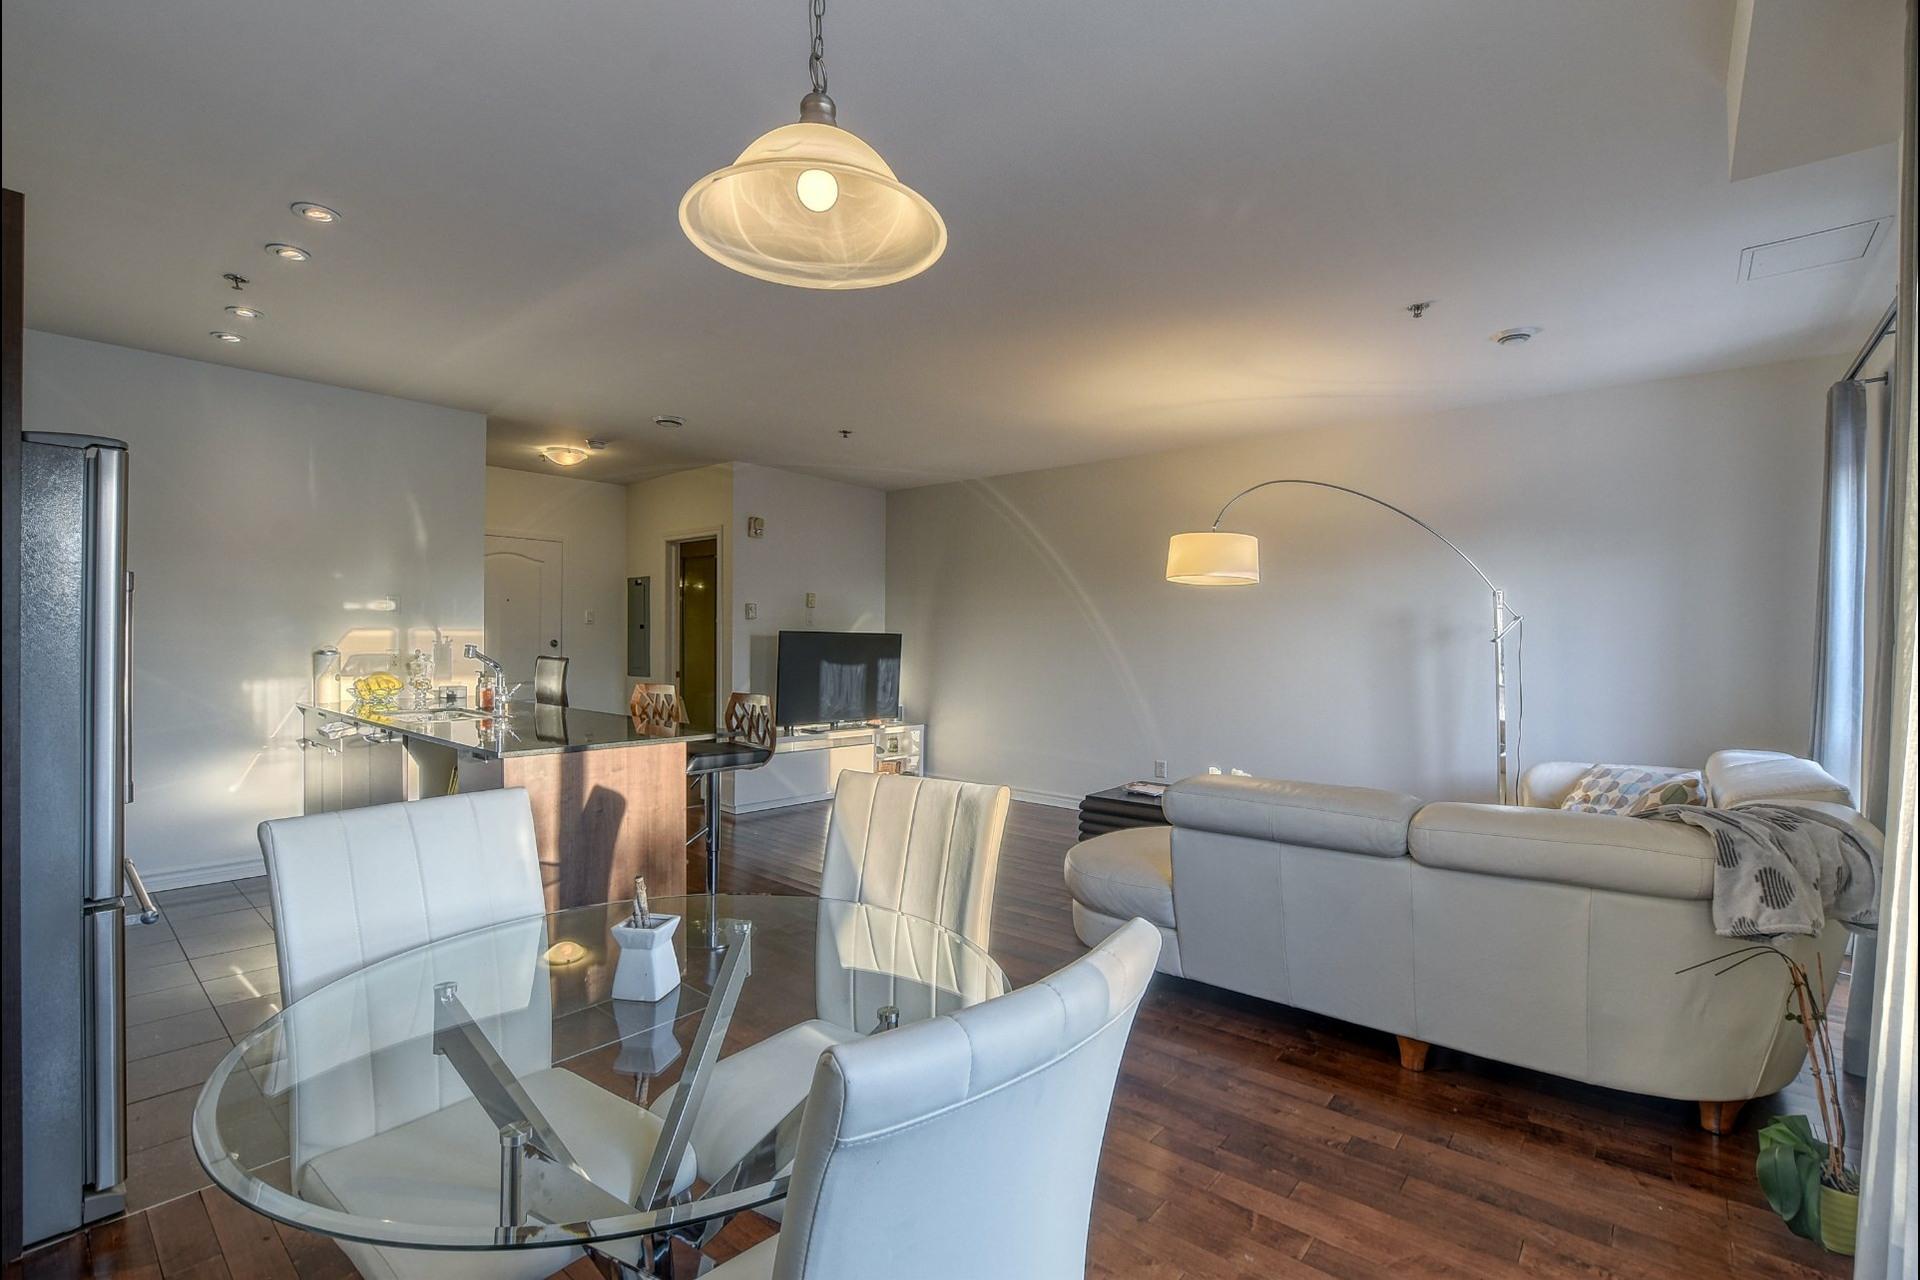 image 6 - Apartment For sale Saint-Laurent Montréal  - 7 rooms